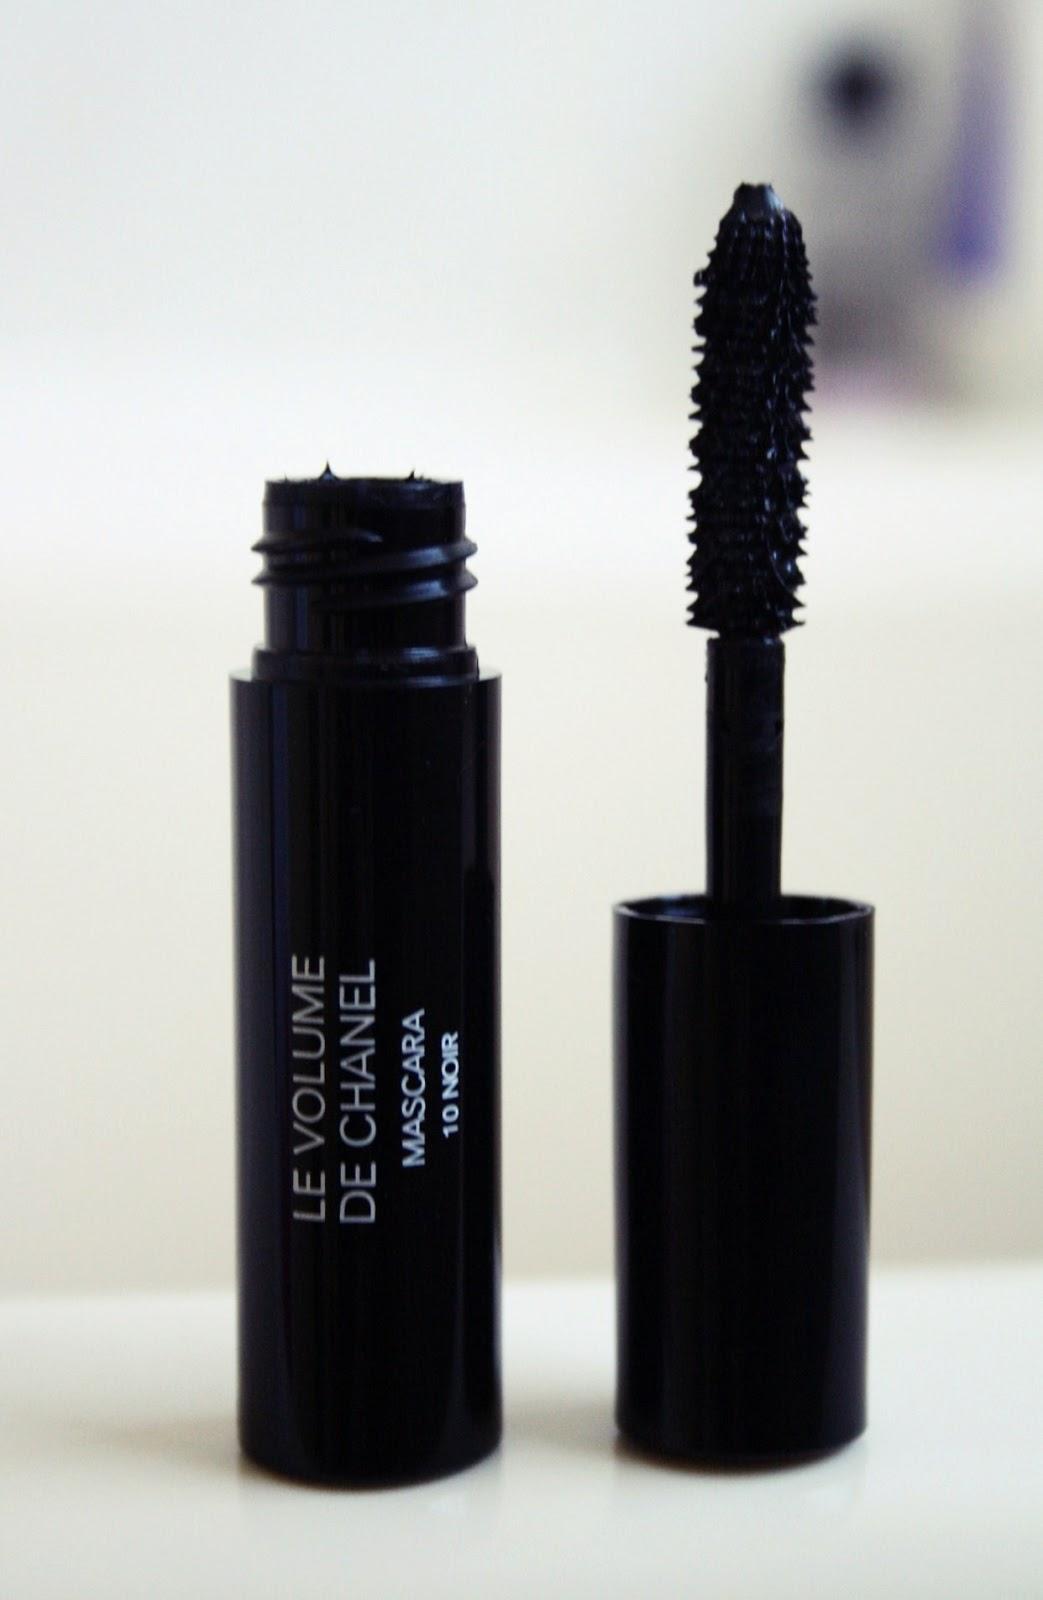 d2c94f471eb Beauty and Lifestyle Blog  Le Volume De Chanel Mascara 10 Noir